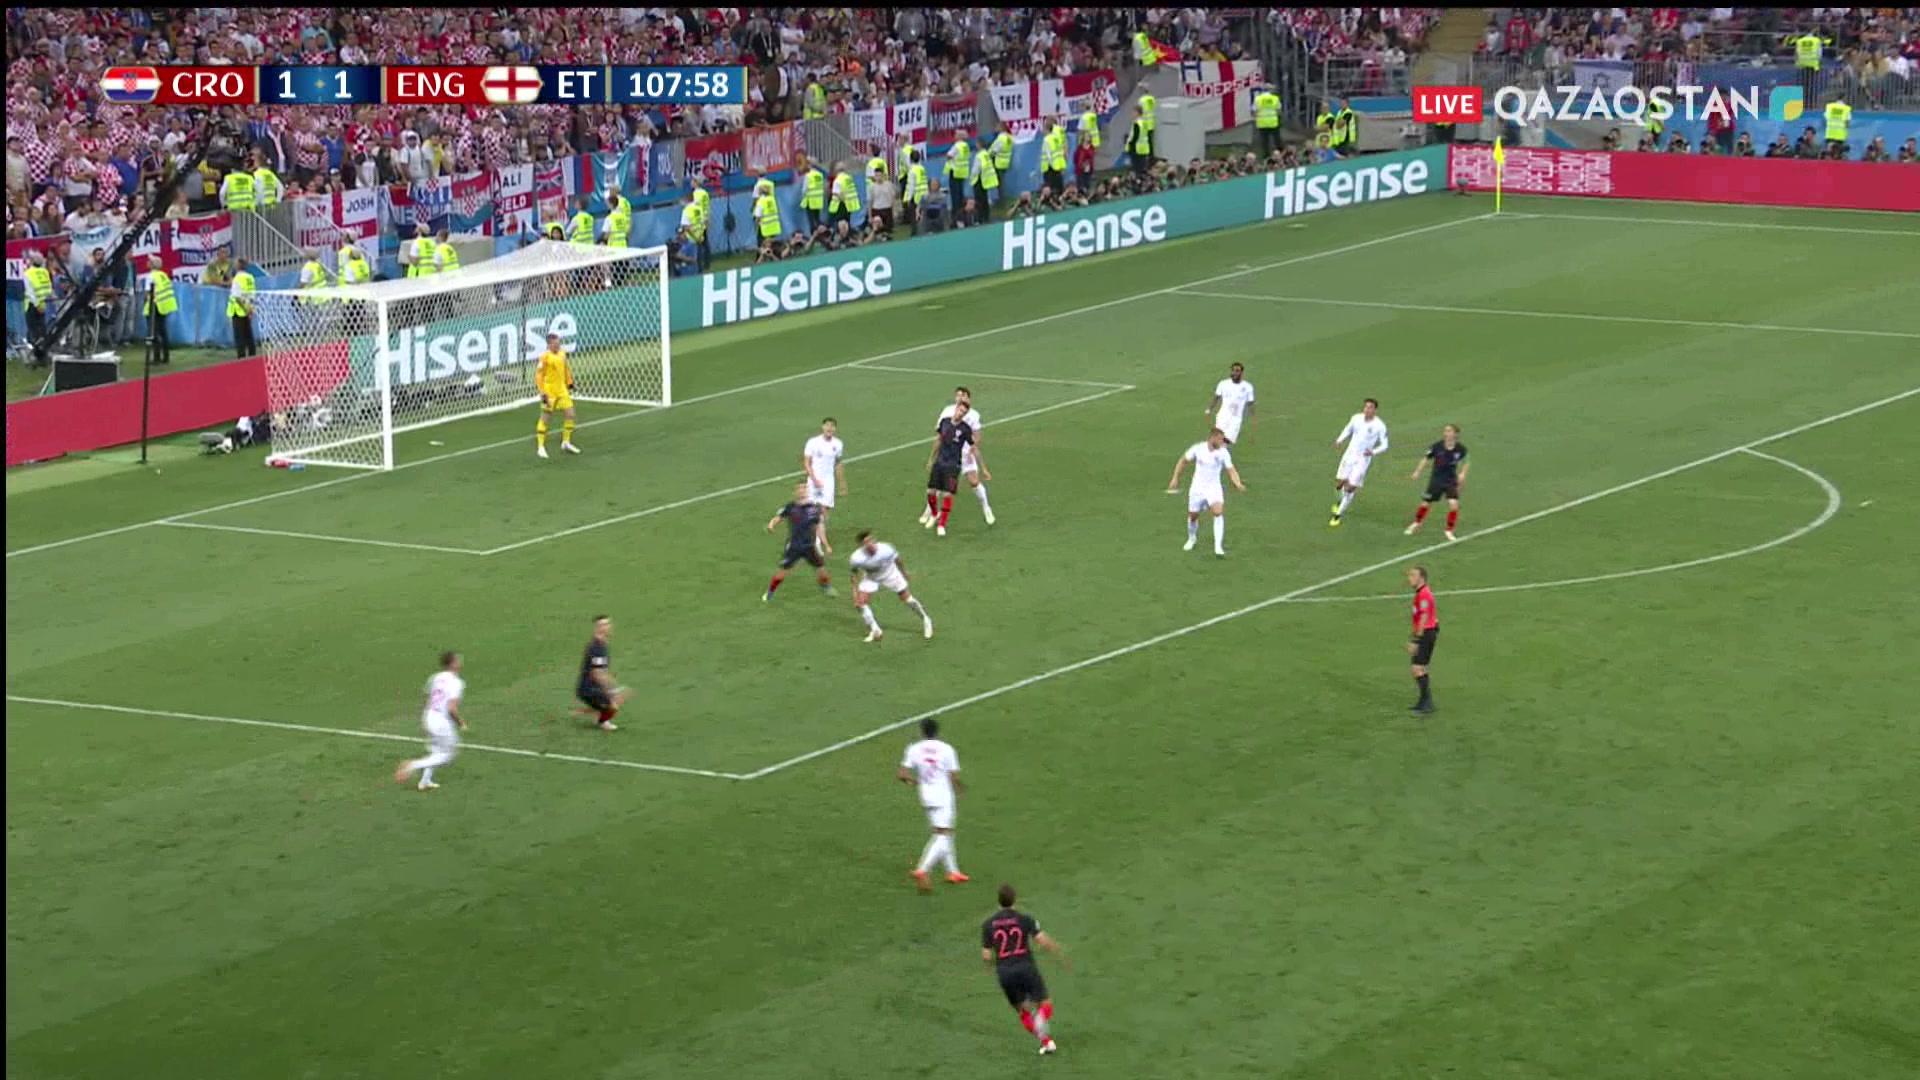 Хорватия – Англия – 2:1 | Әлем Чемпионаты 2018:  109' Марио Манджукич хорватиялықтарды есепте алға шығарды